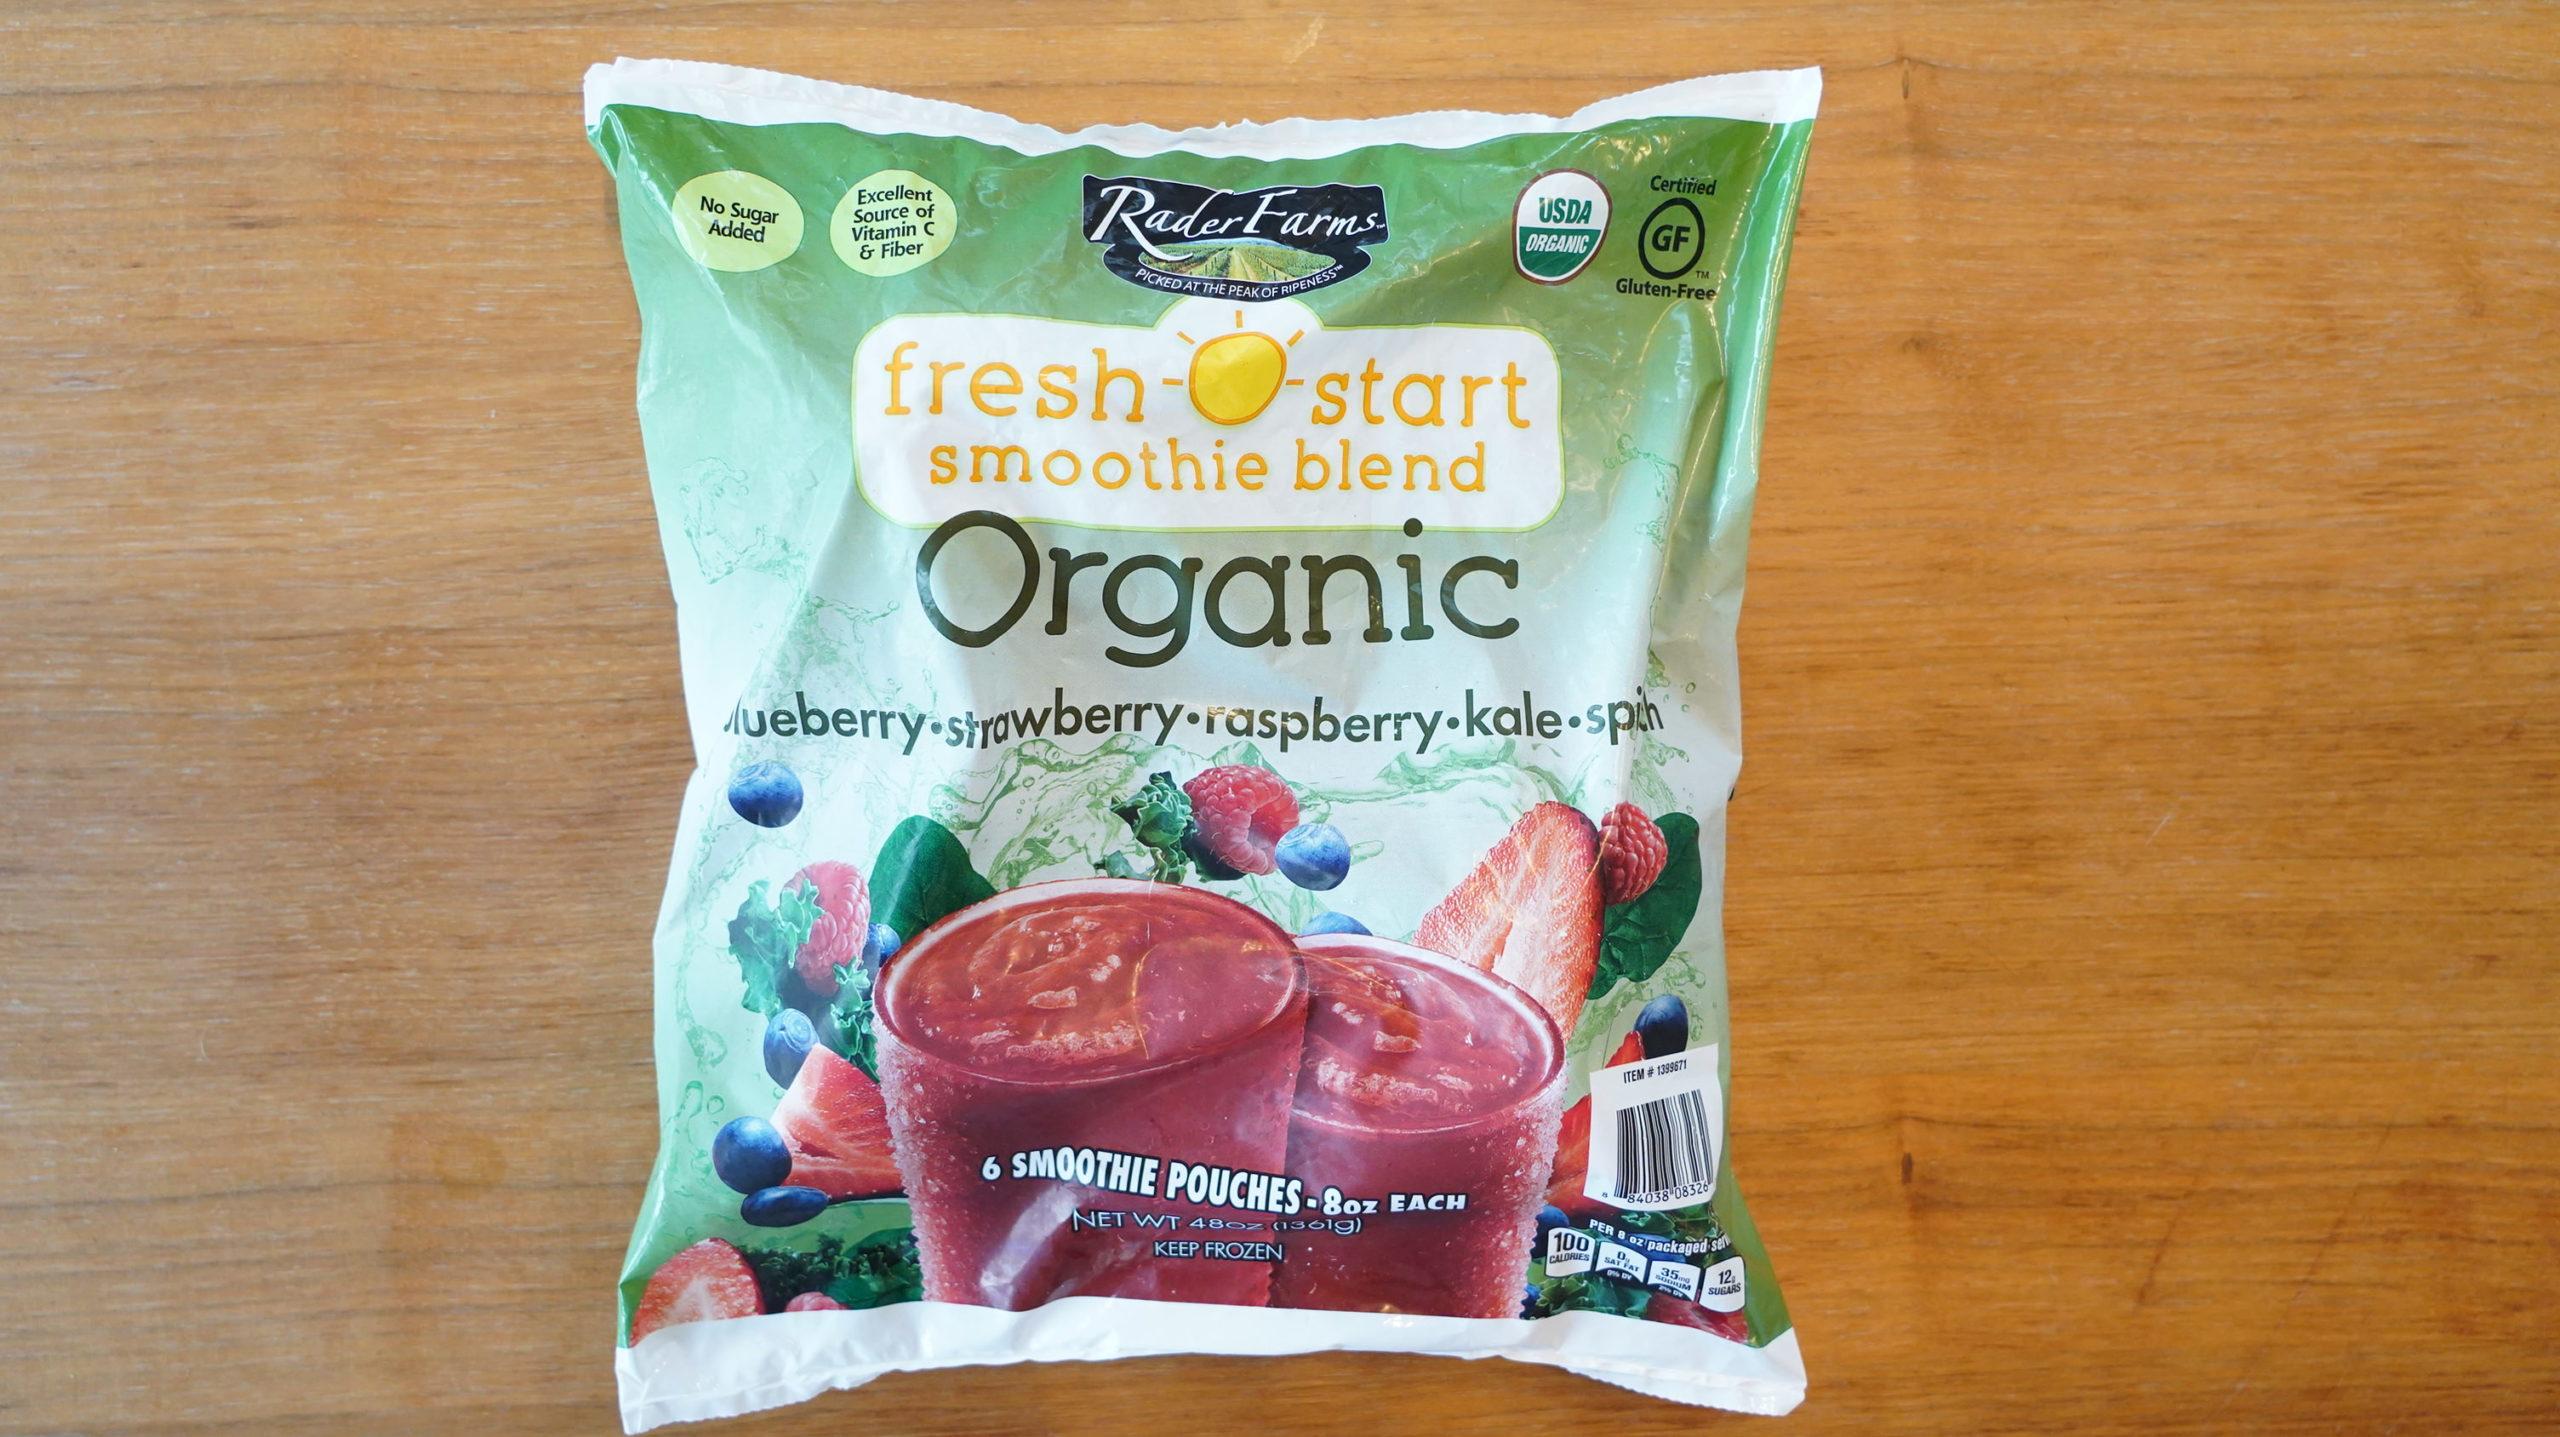 コストコのおすすめ冷凍食品「オーガニック フレッシュスタート スムージーブレンド」のパッケージ写真